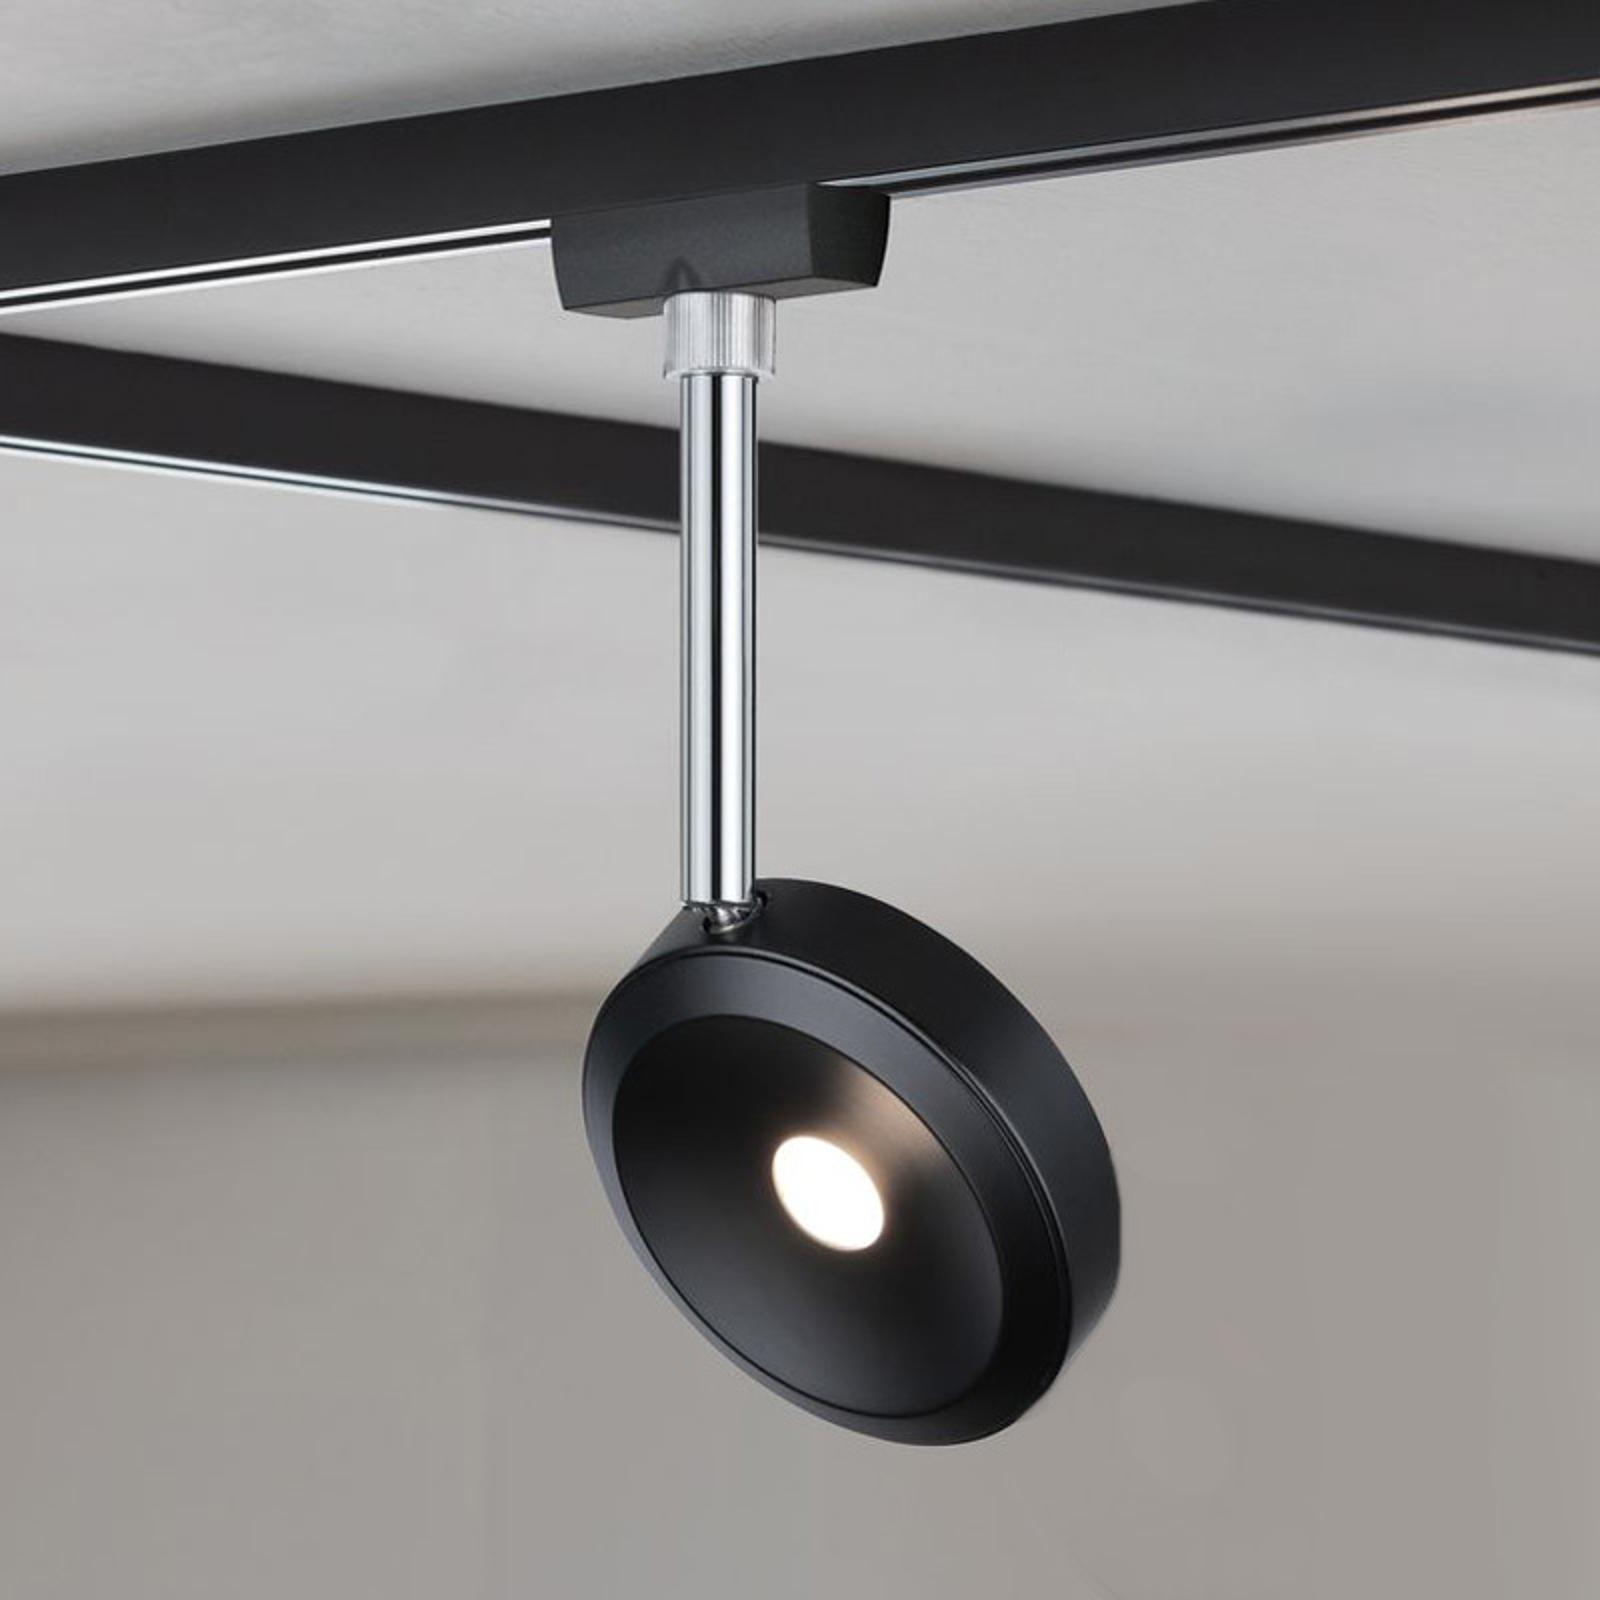 Paulmann URail LED-Spot Discus schwarz, dimmbar